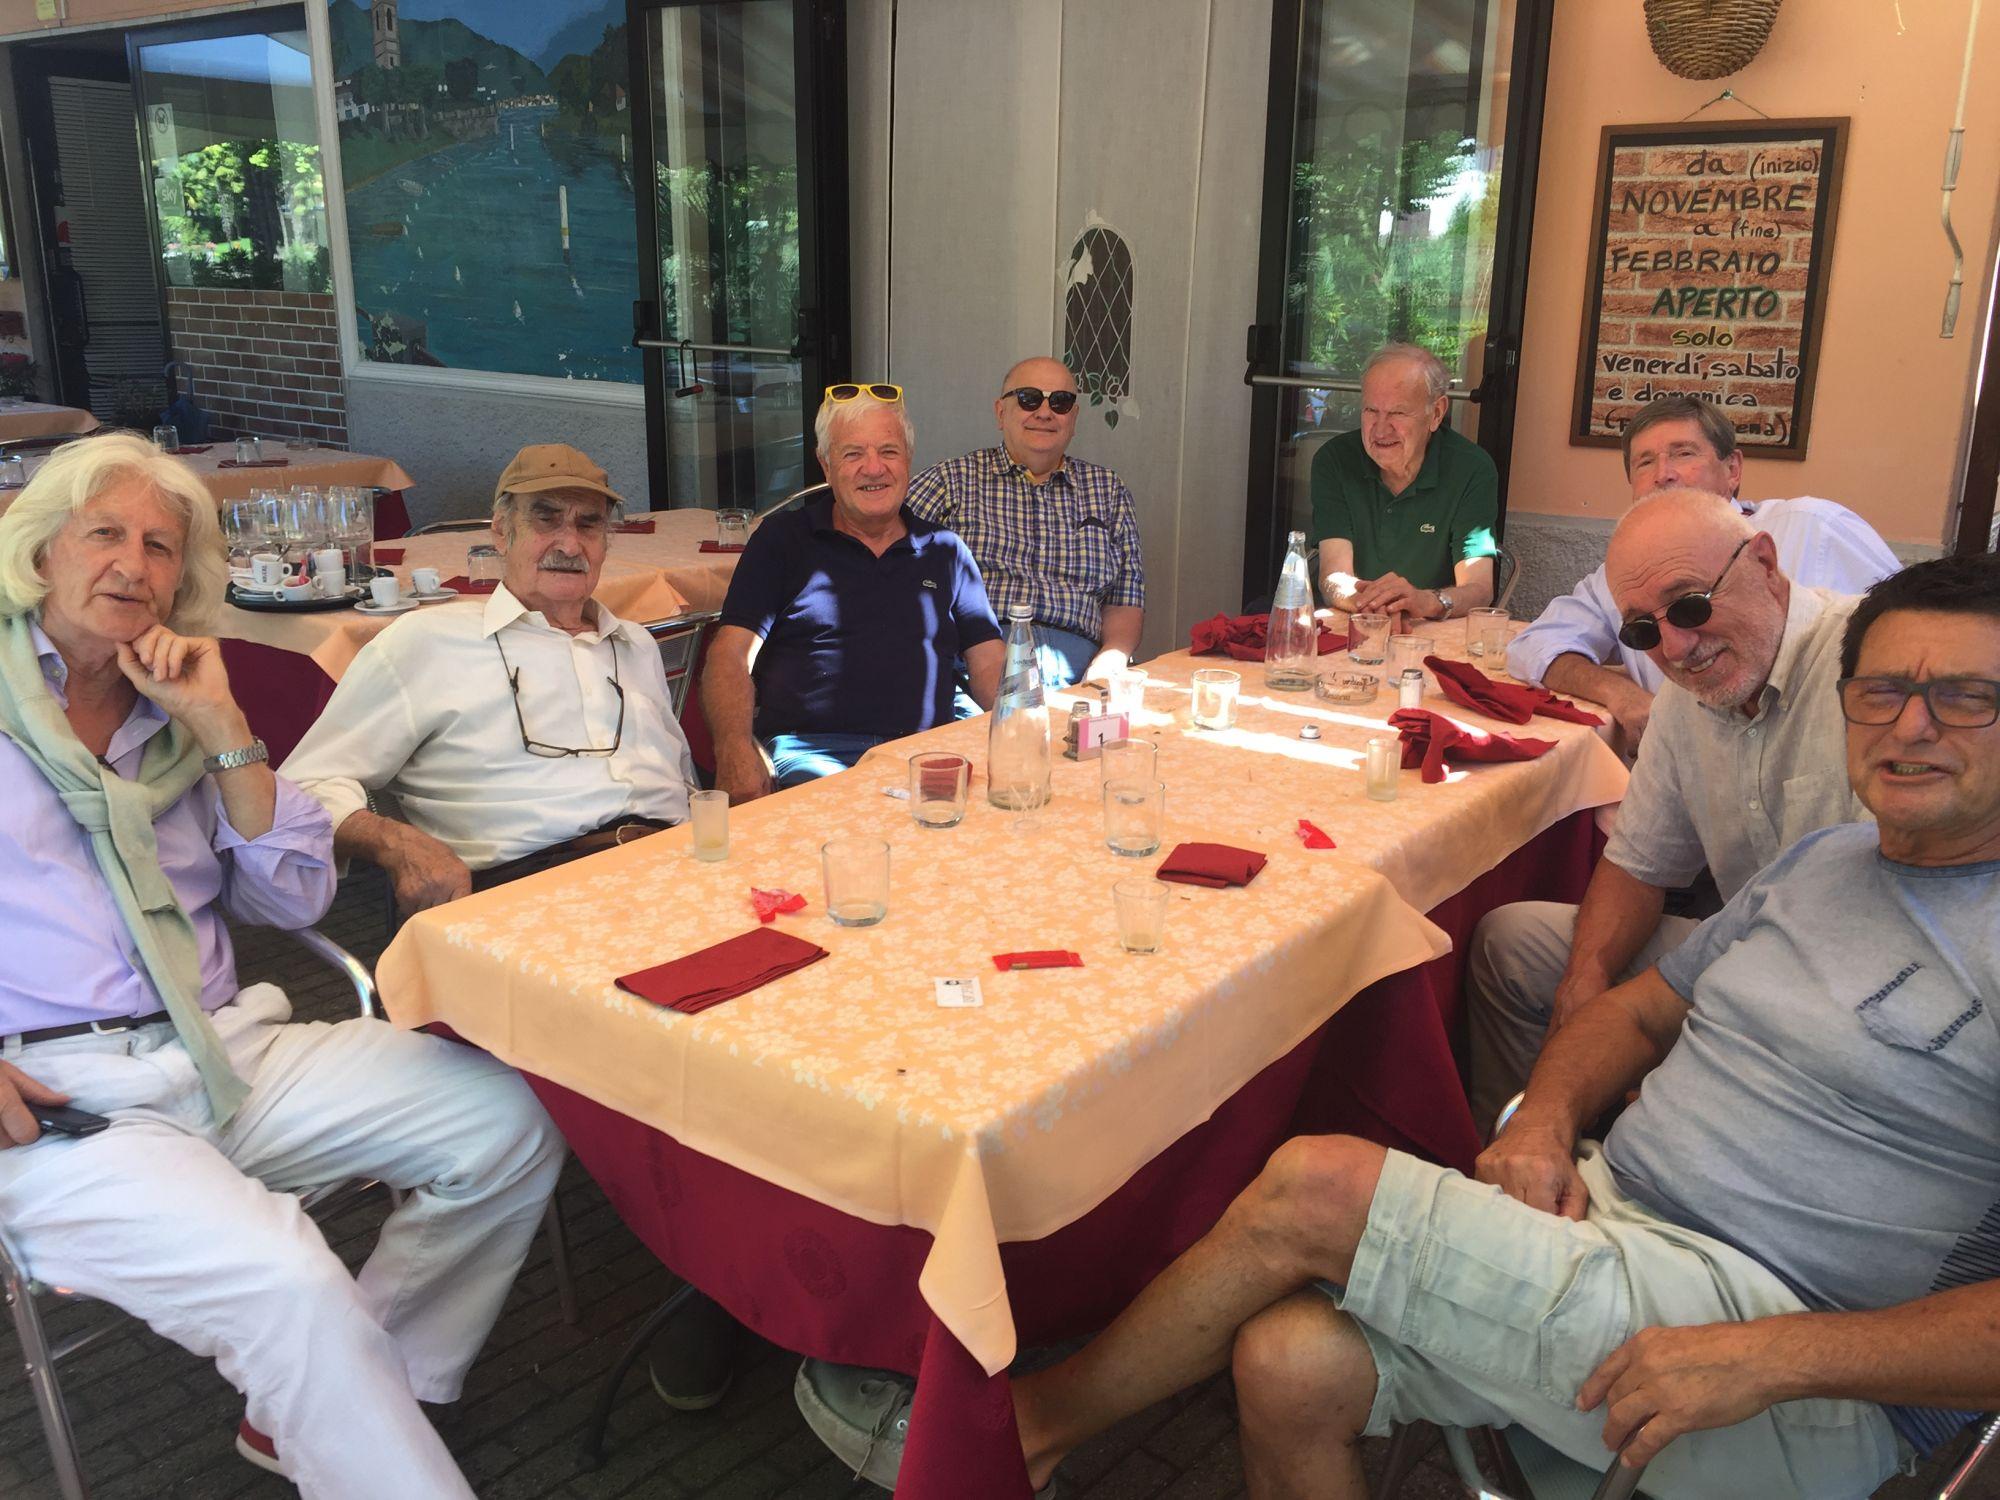 24.08.2016 - Lavena Ponte Tresa, pranzo del gruppo amici artisti.